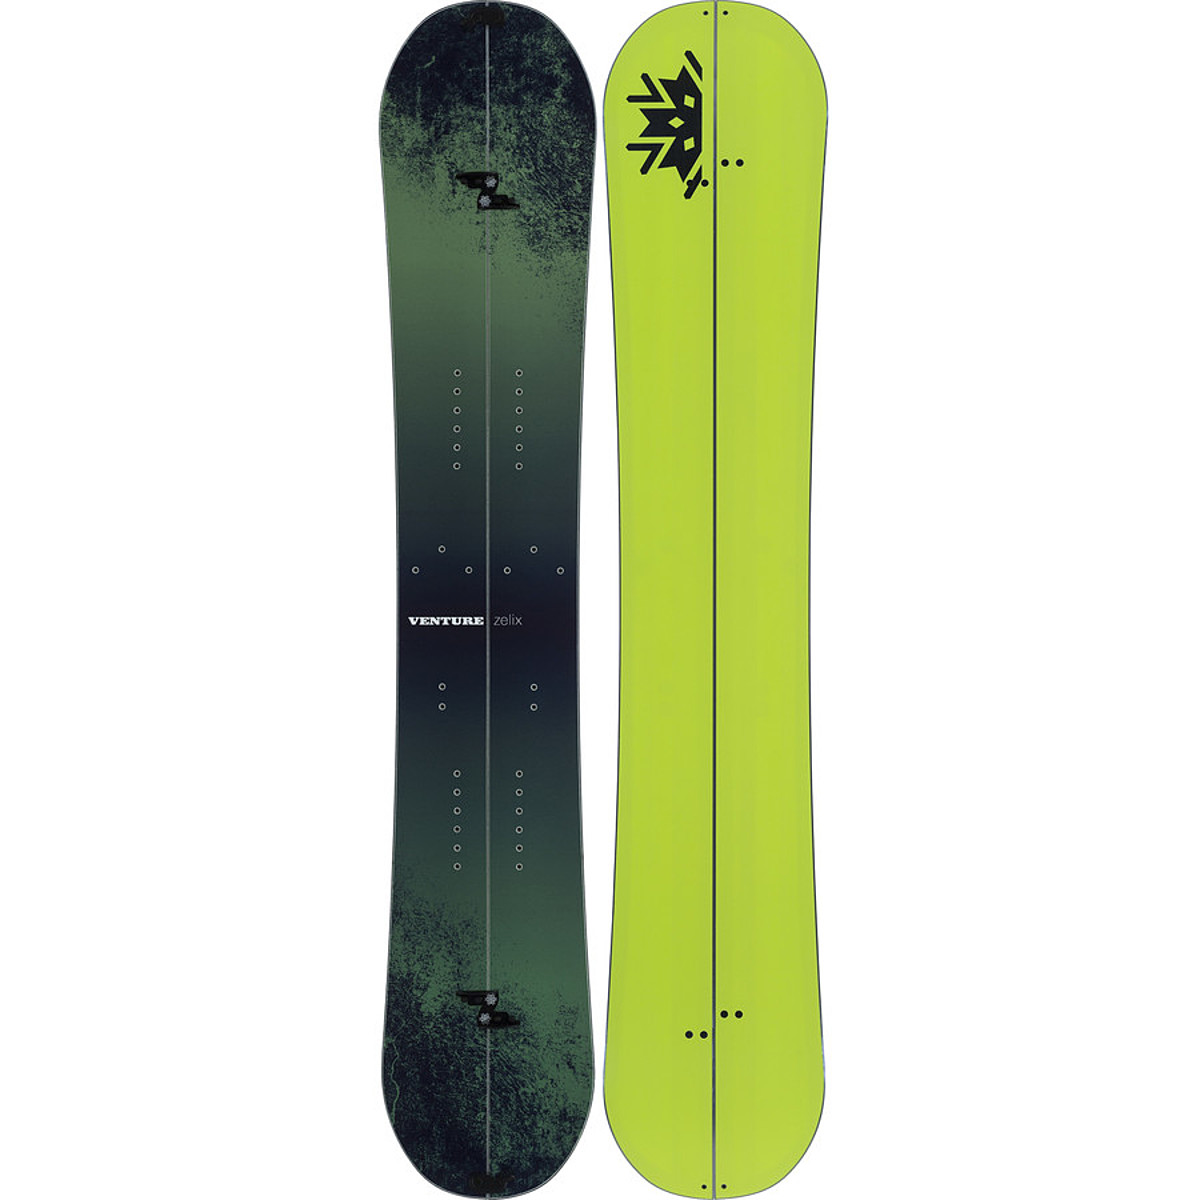 Venture Snowboards Zelix Splitboard